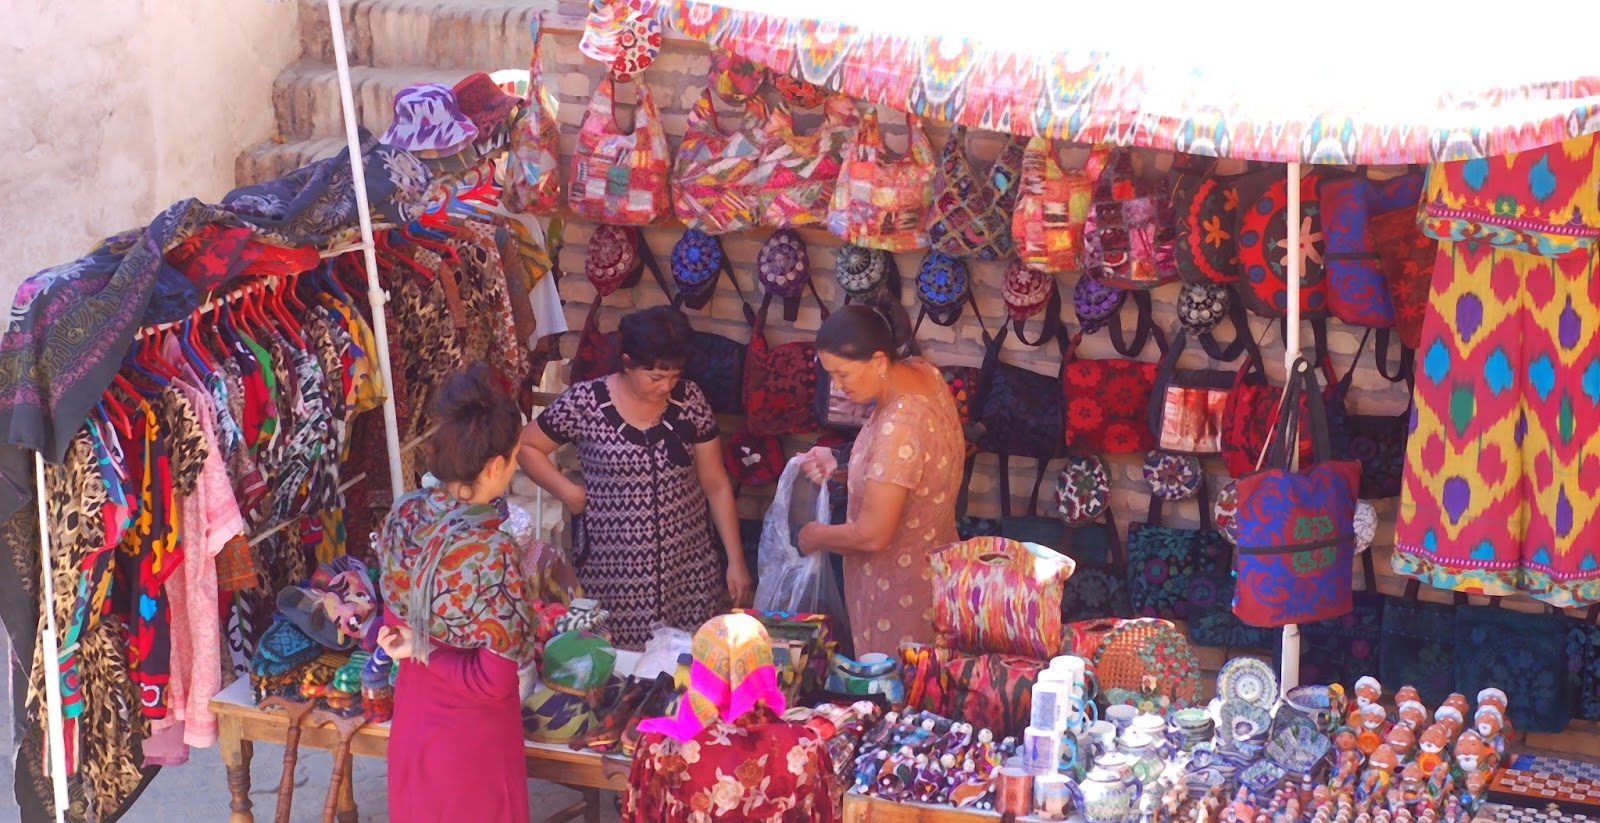 Marché de Khiva OUzbékistan - Le Chameau Bleu Blog Voyage Ouzbékistan -